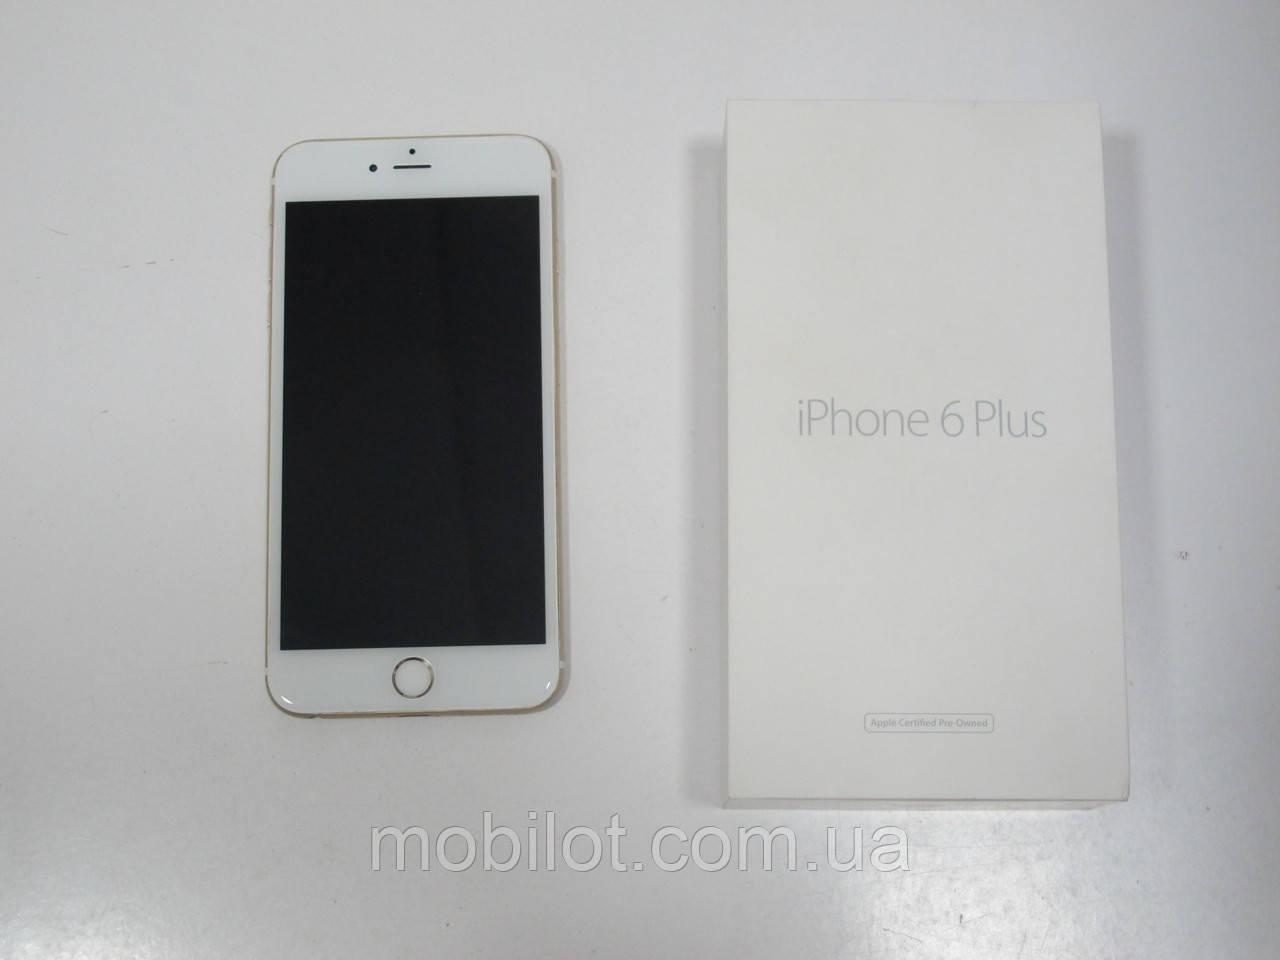 Мобильный телефон iPhone 6 Plus (TZ-6744)